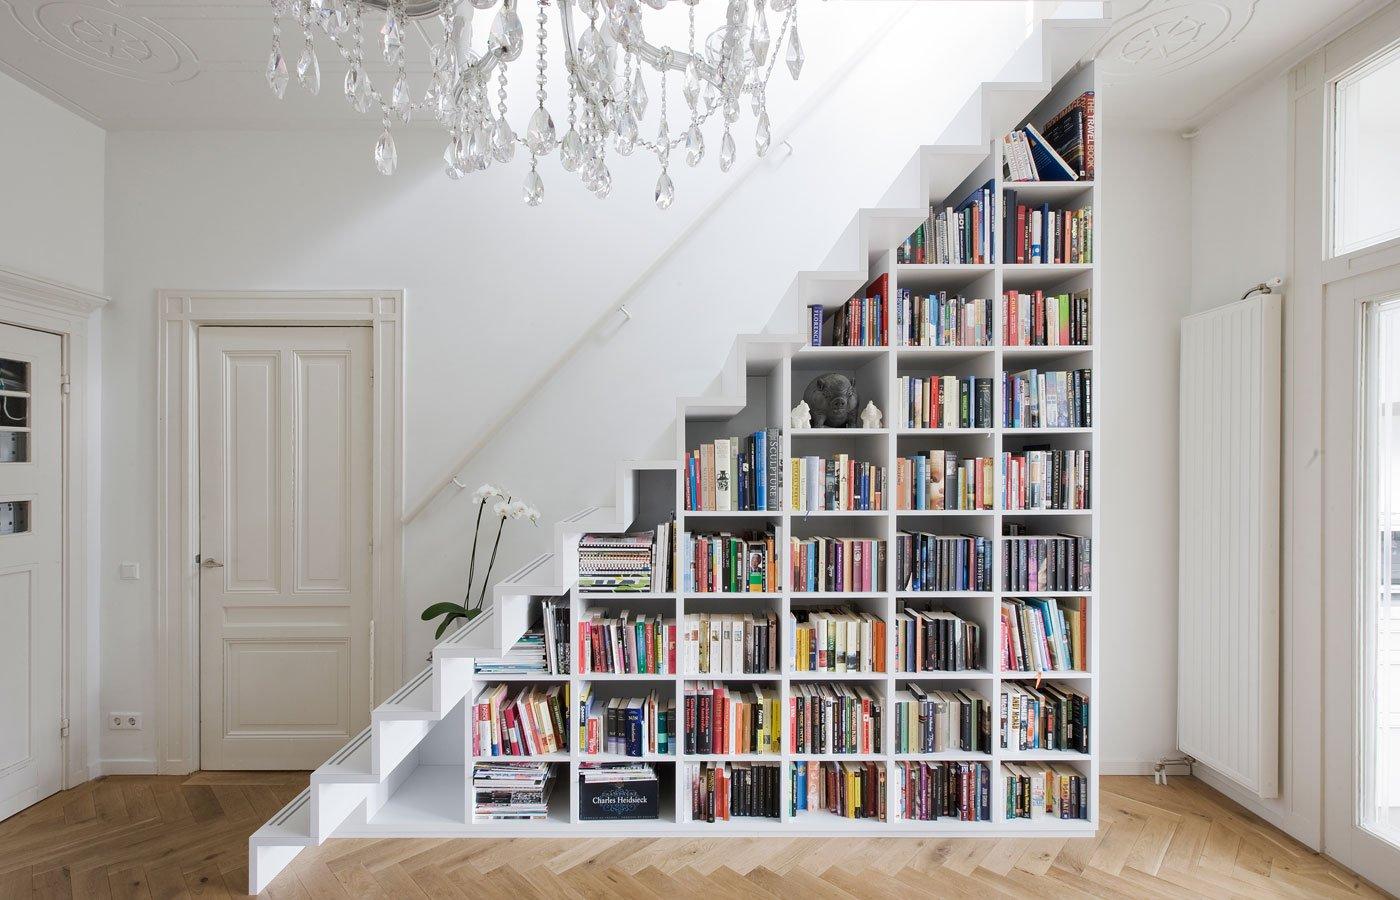 Soluciones De Almacenamiento A Medida Ideas Carpinteros # Muebles Debajo De Gradas